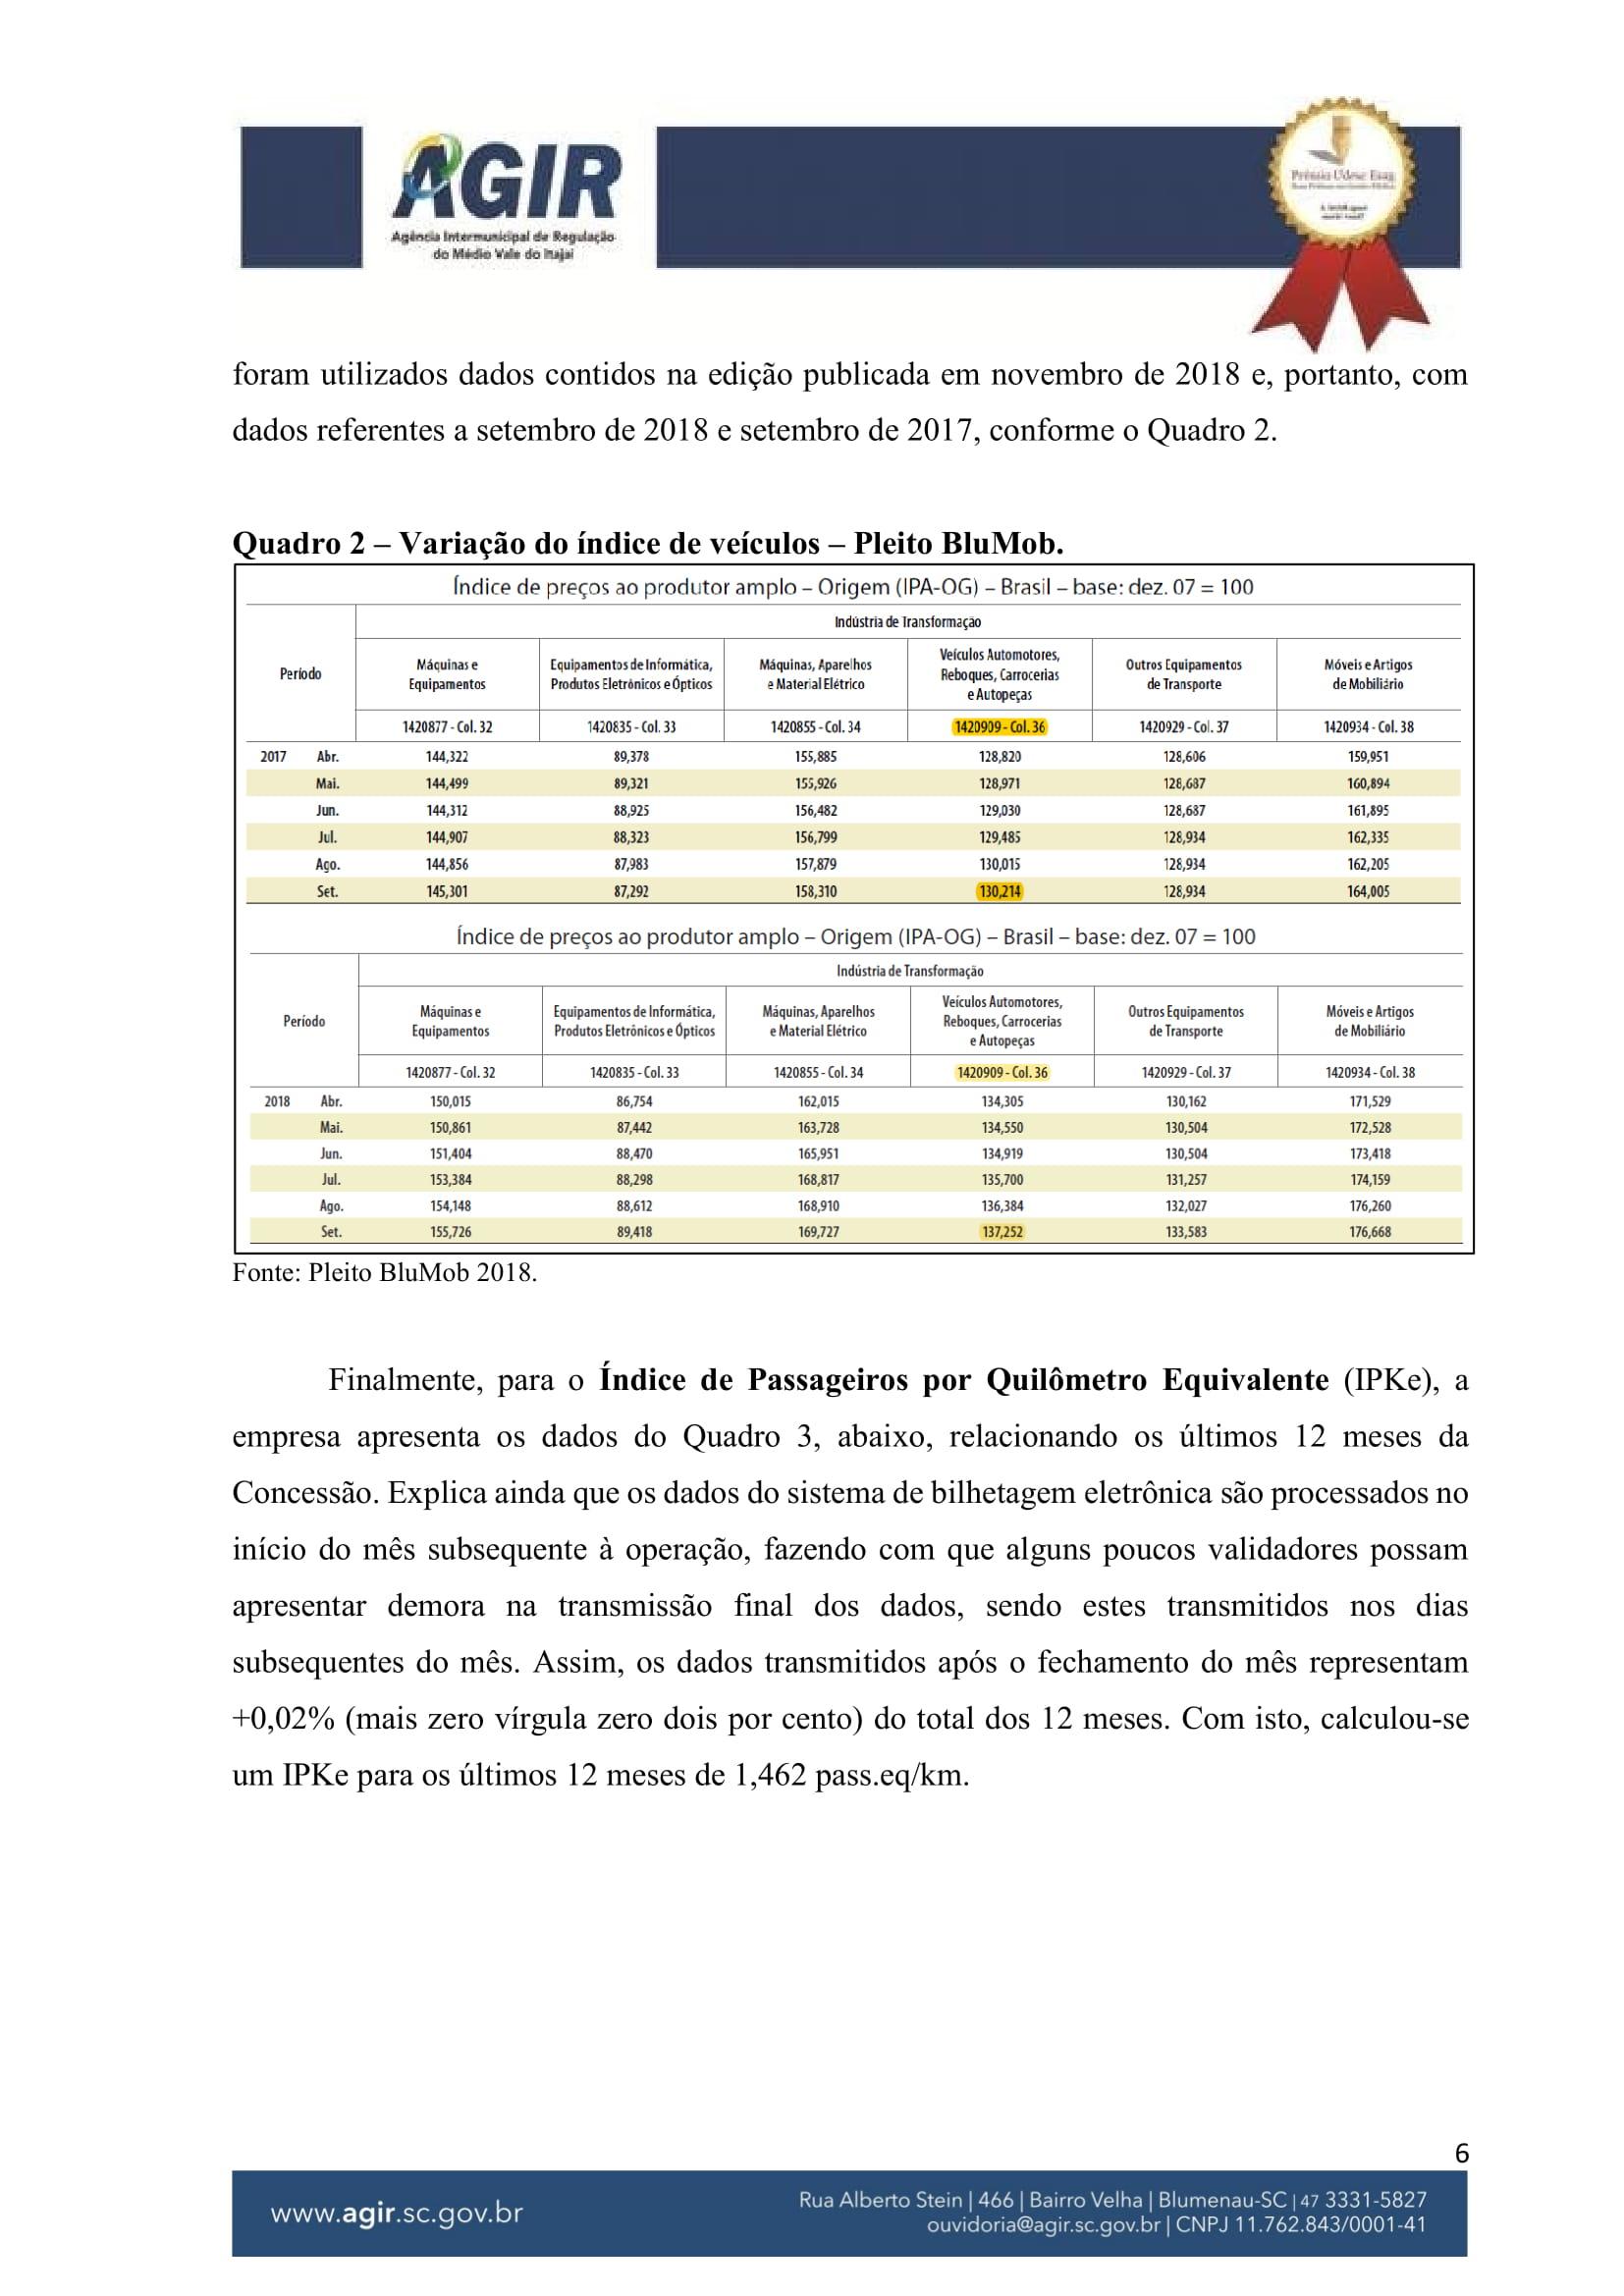 Parecer Administrativo nº 70-2018-06